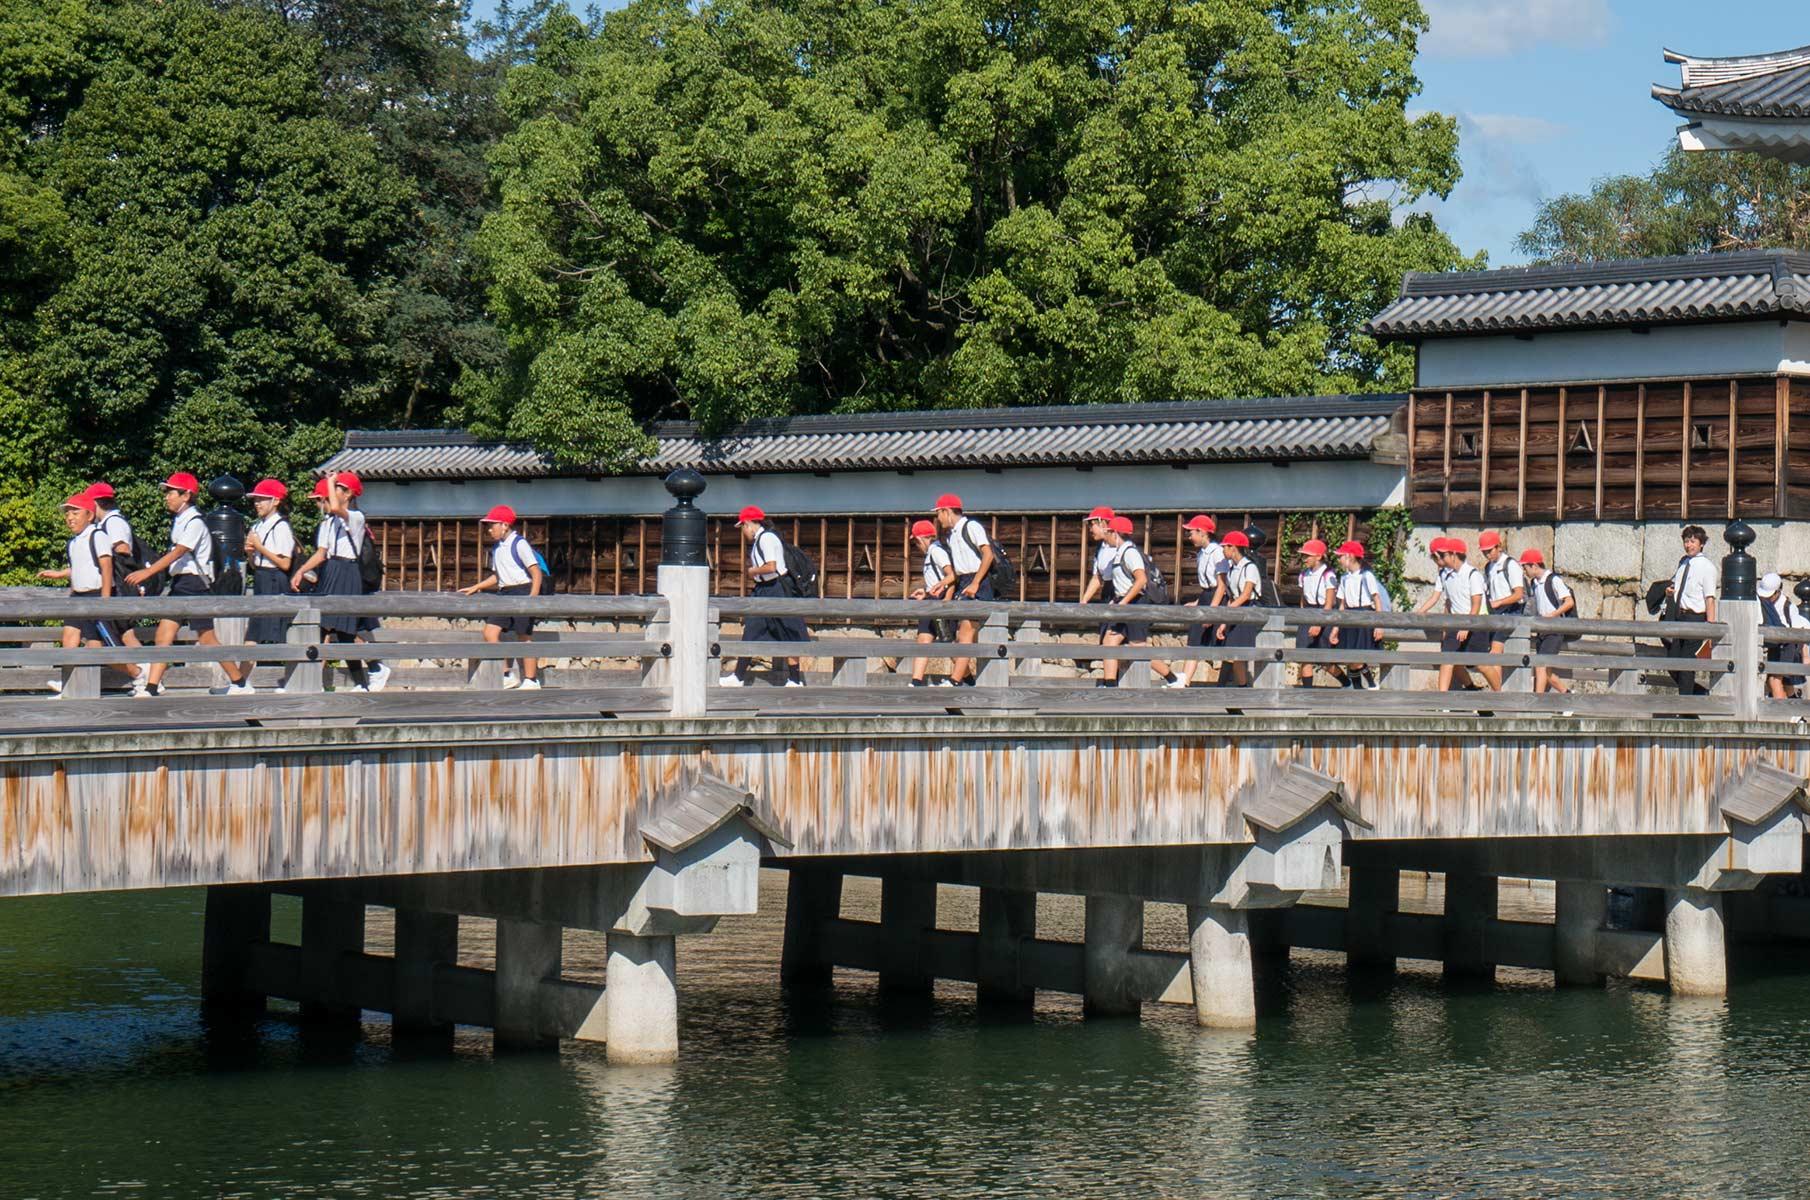 Japanische Schüler auf einer Brücke auf der Burg Hiroshima in Japan